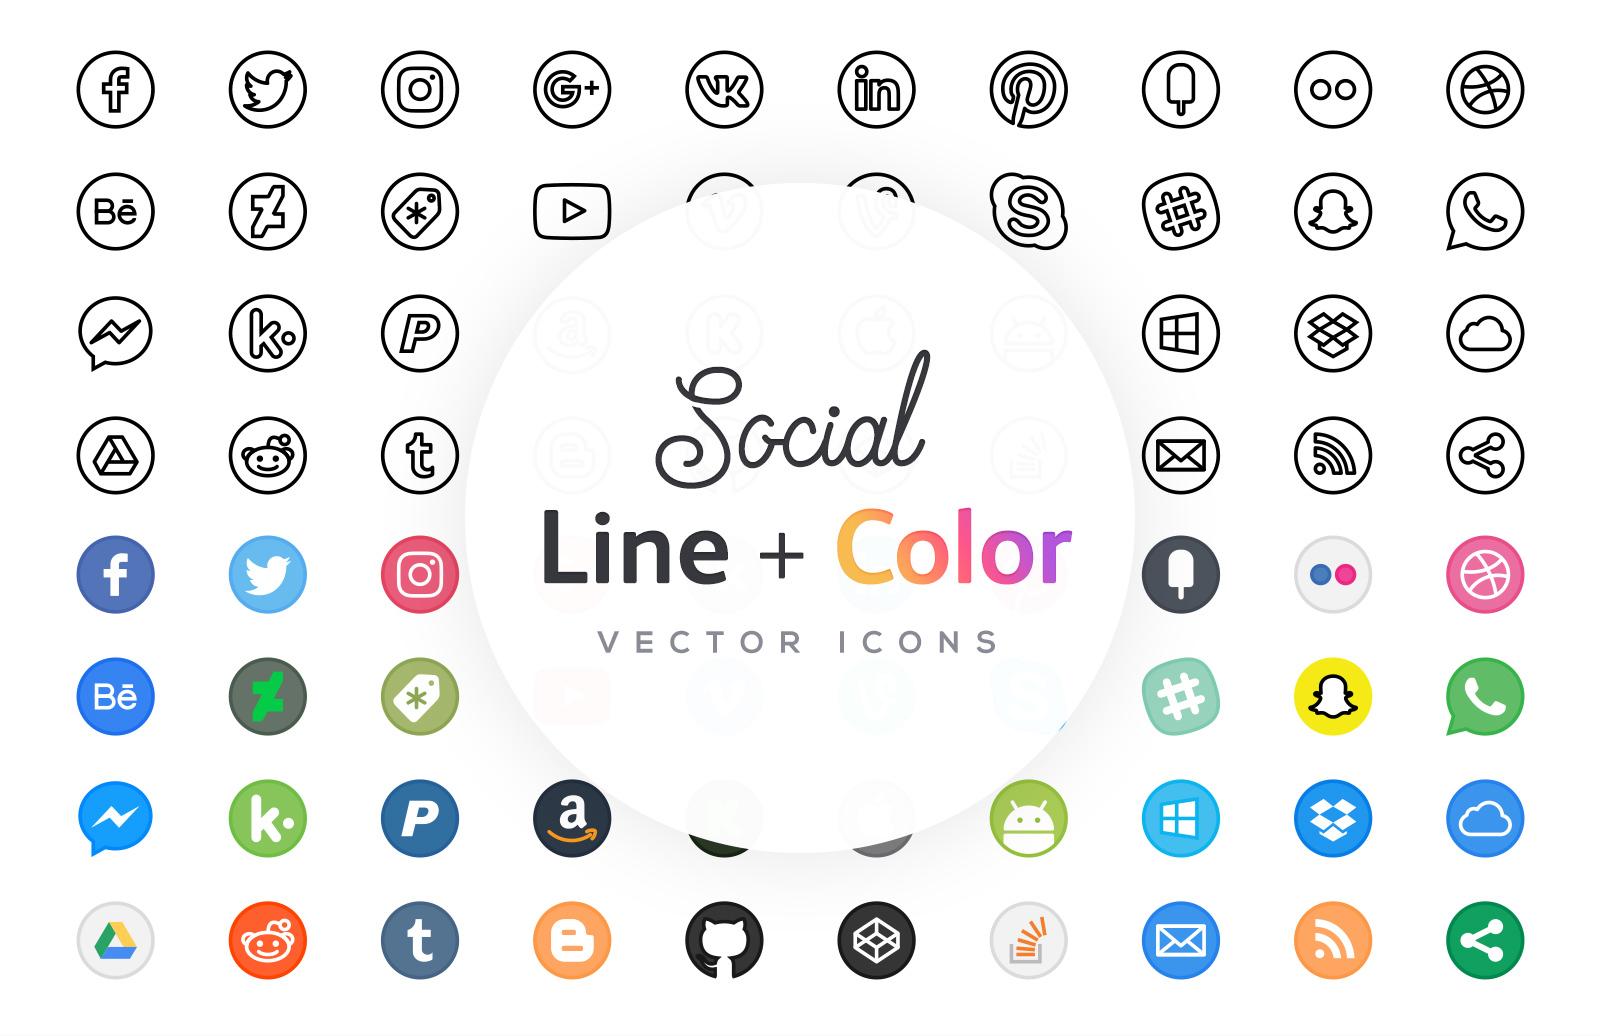 Free Line Icons - Social